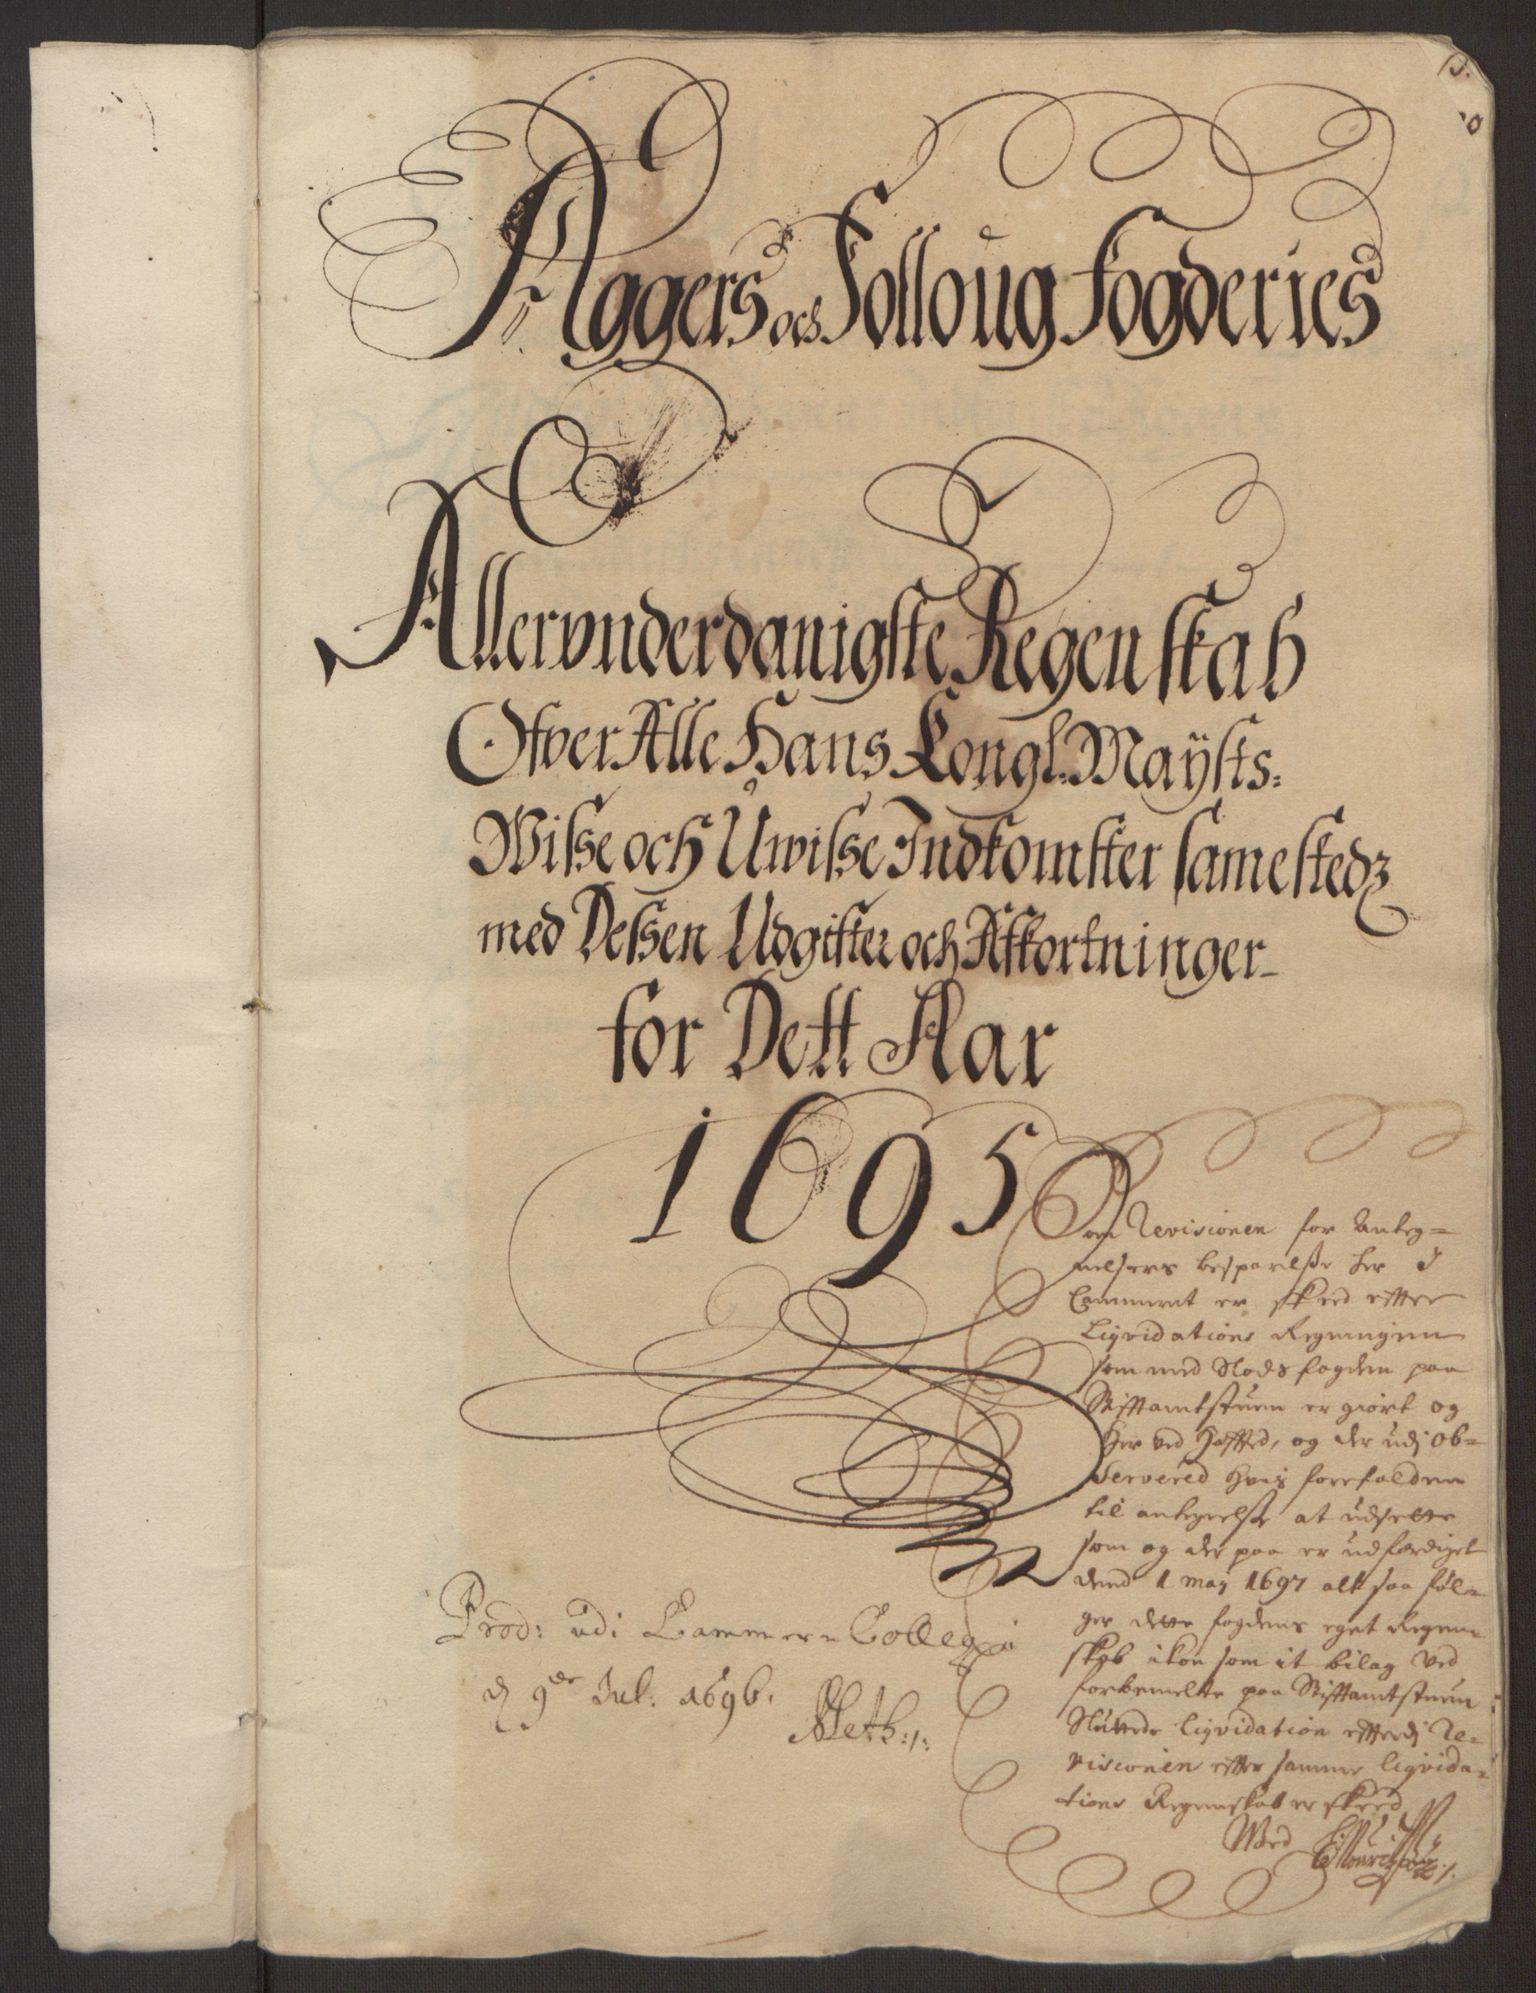 RA, Rentekammeret inntil 1814, Reviderte regnskaper, Fogderegnskap, R10/L0439: Fogderegnskap Aker og Follo, 1695, s. 2